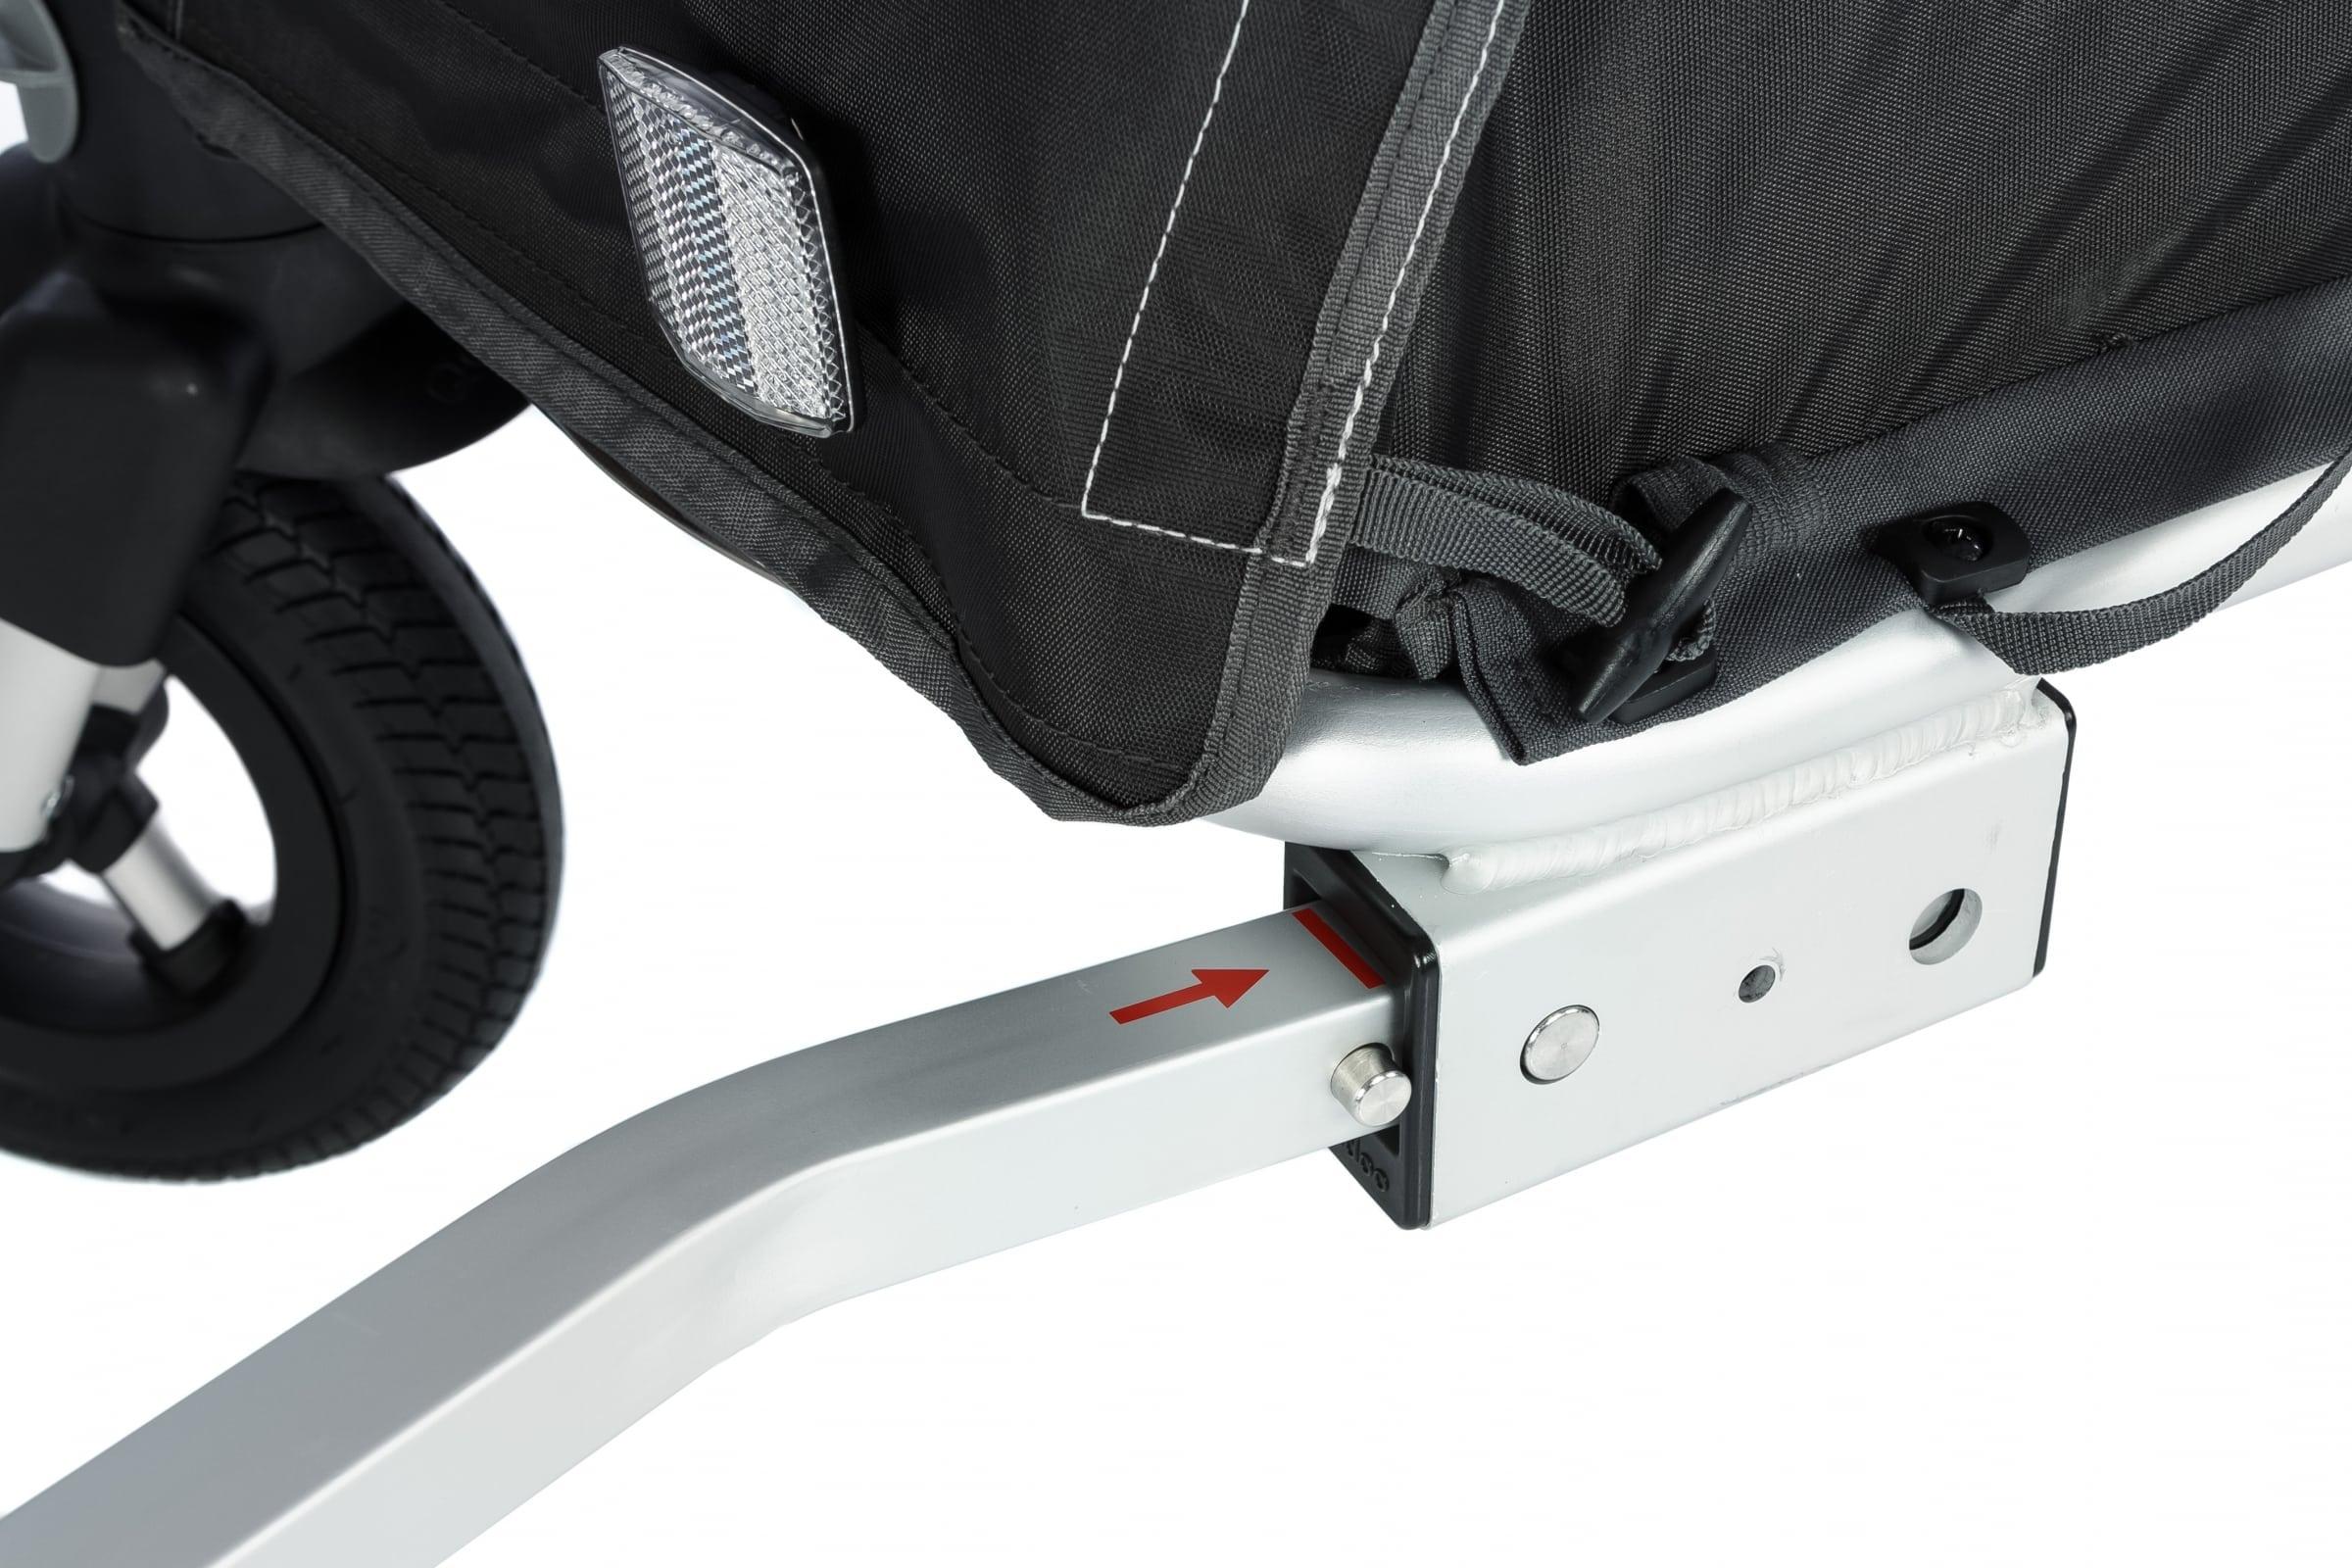 pałąk łączący przyczepkę Qeridoo Sportrex z rowerem